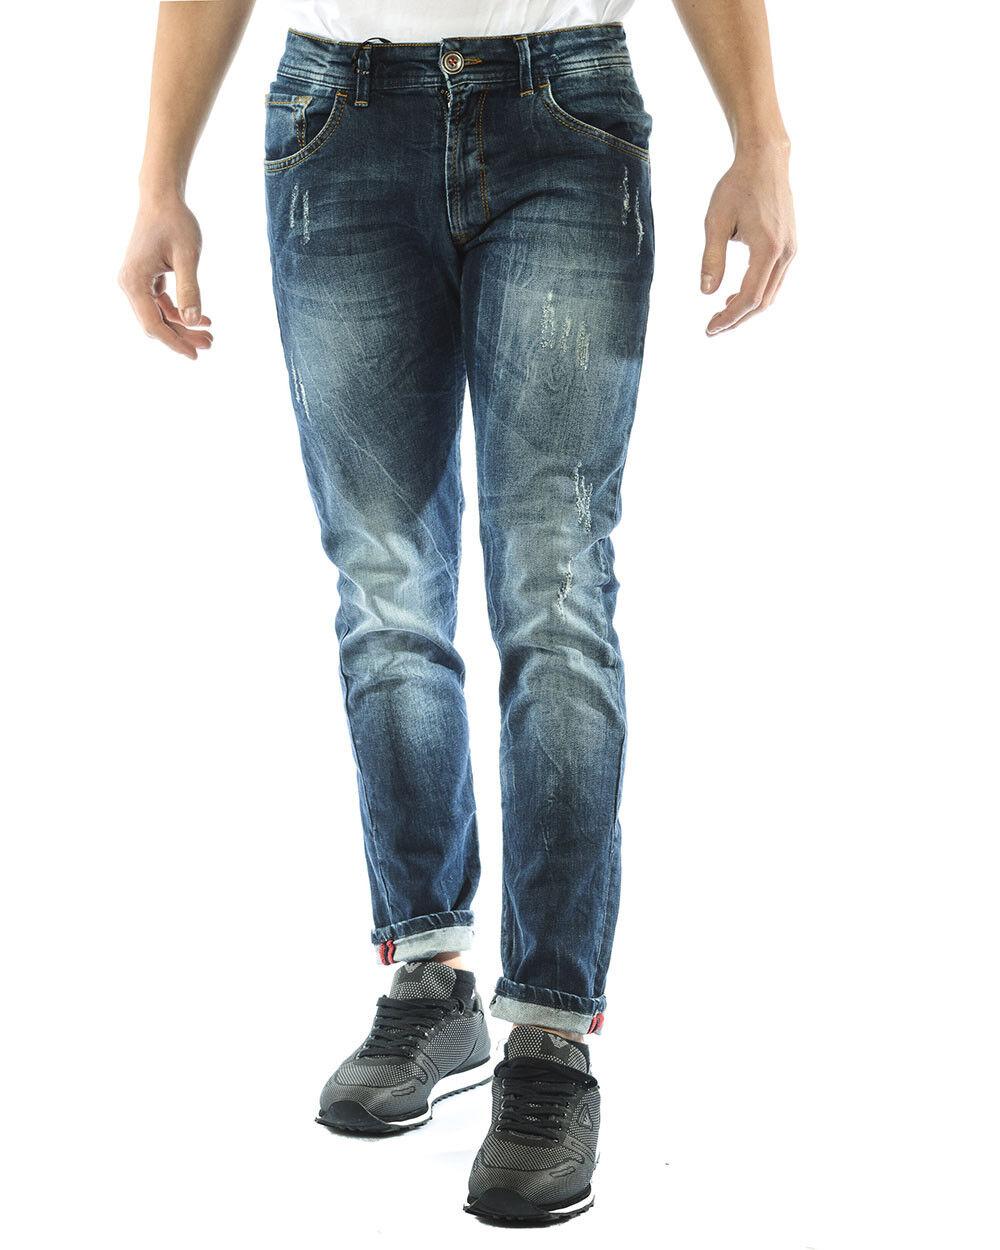 Jeans I&  039;M C Couture Cotone MADE IN ITALY hombres Denim 3931  en venta en línea